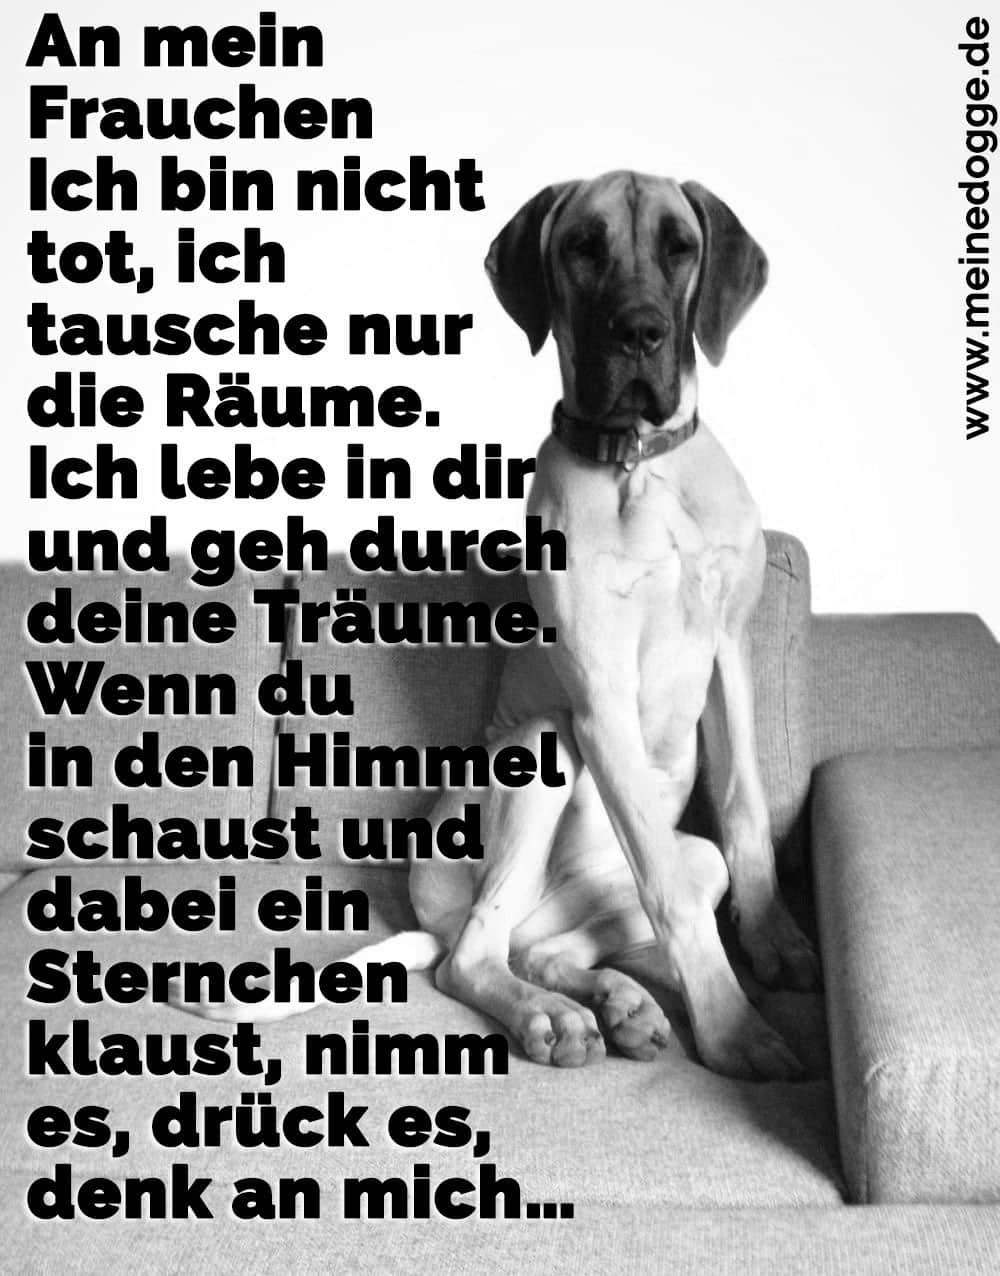 Eine Dogge sitzt auf dem Sofa